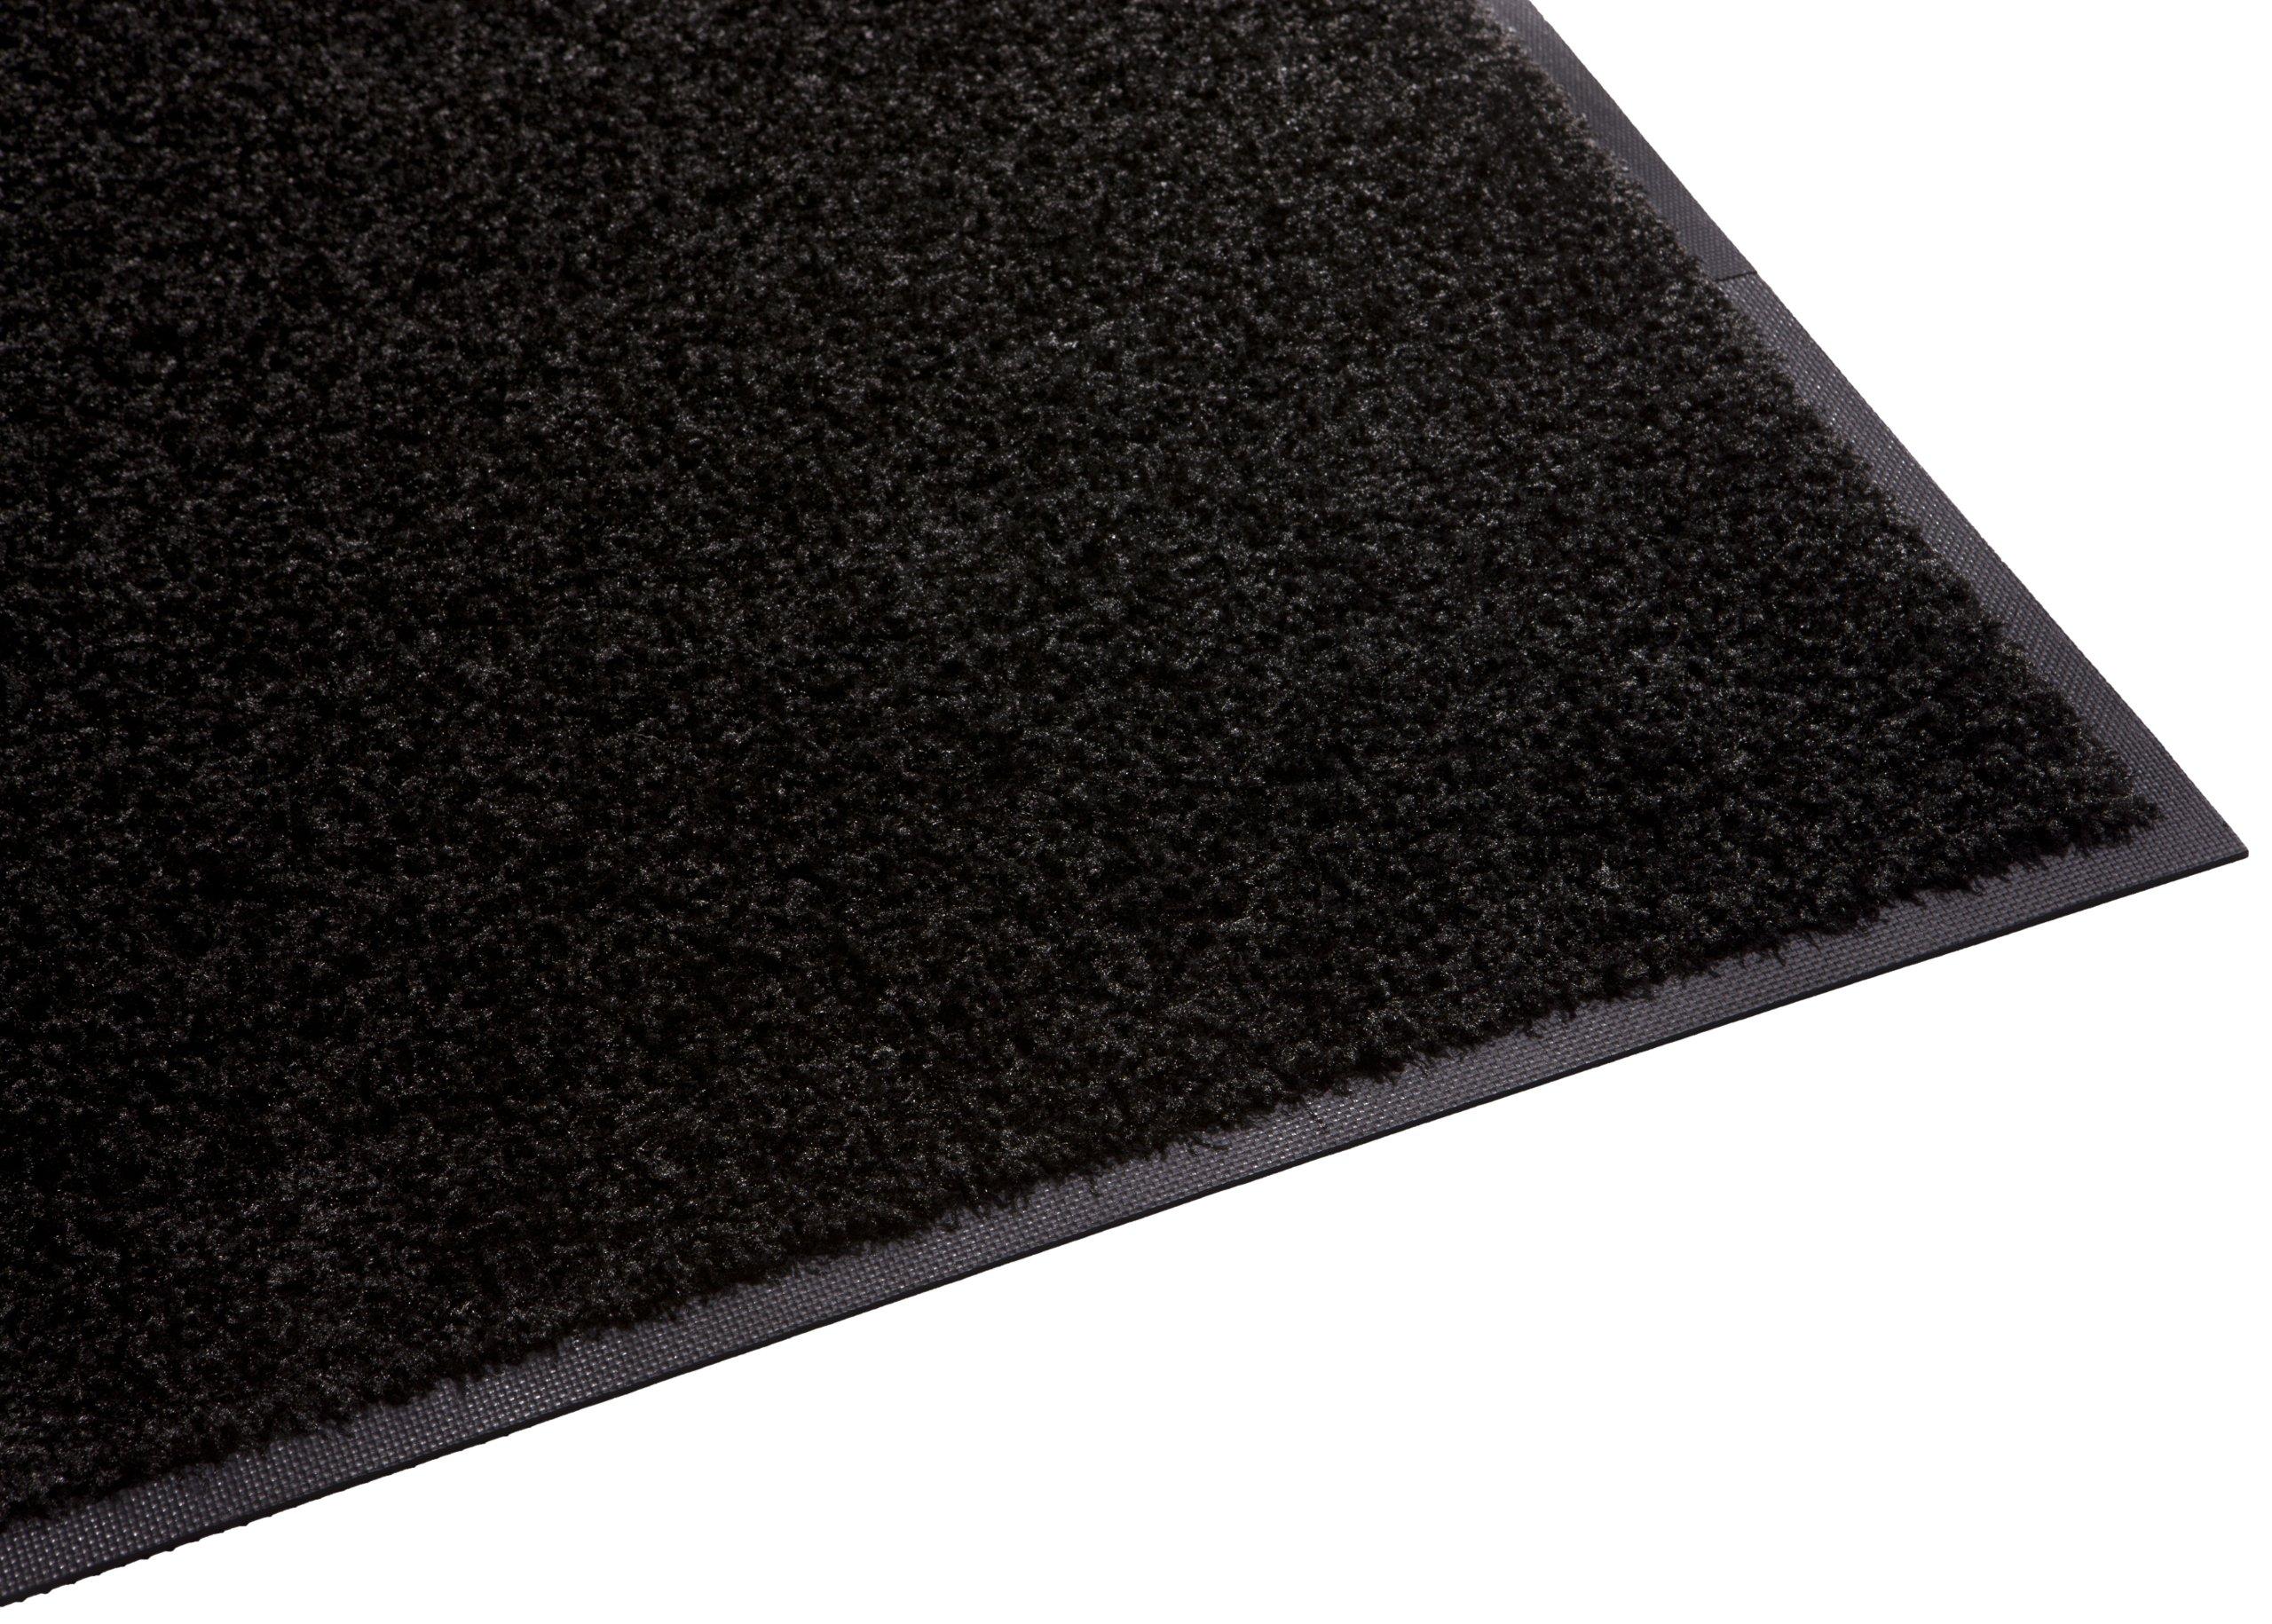 Guardian Platinum Series Indoor Wiper Floor Mat, Rubber with Nylon Carpet, 5'x10', Black